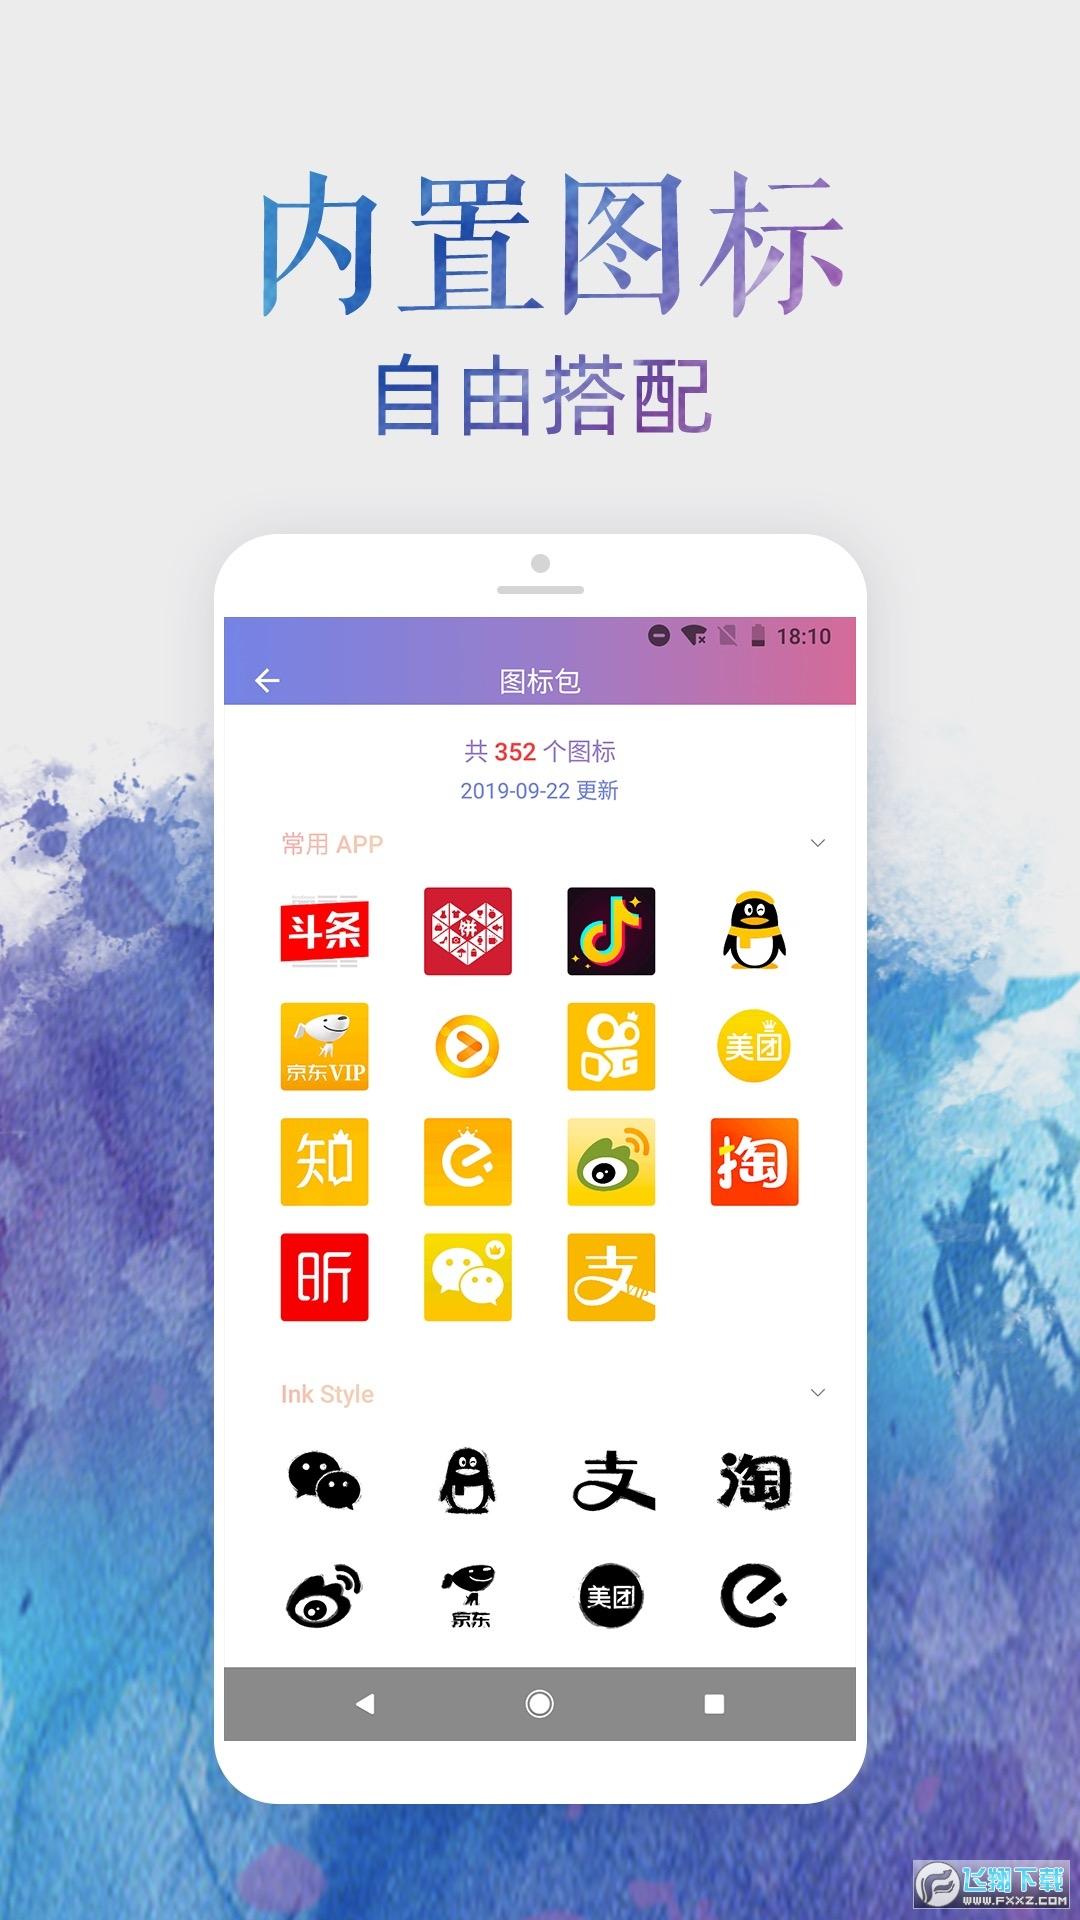 王者荣耀自定义换图标app2.7.9安卓版截图0